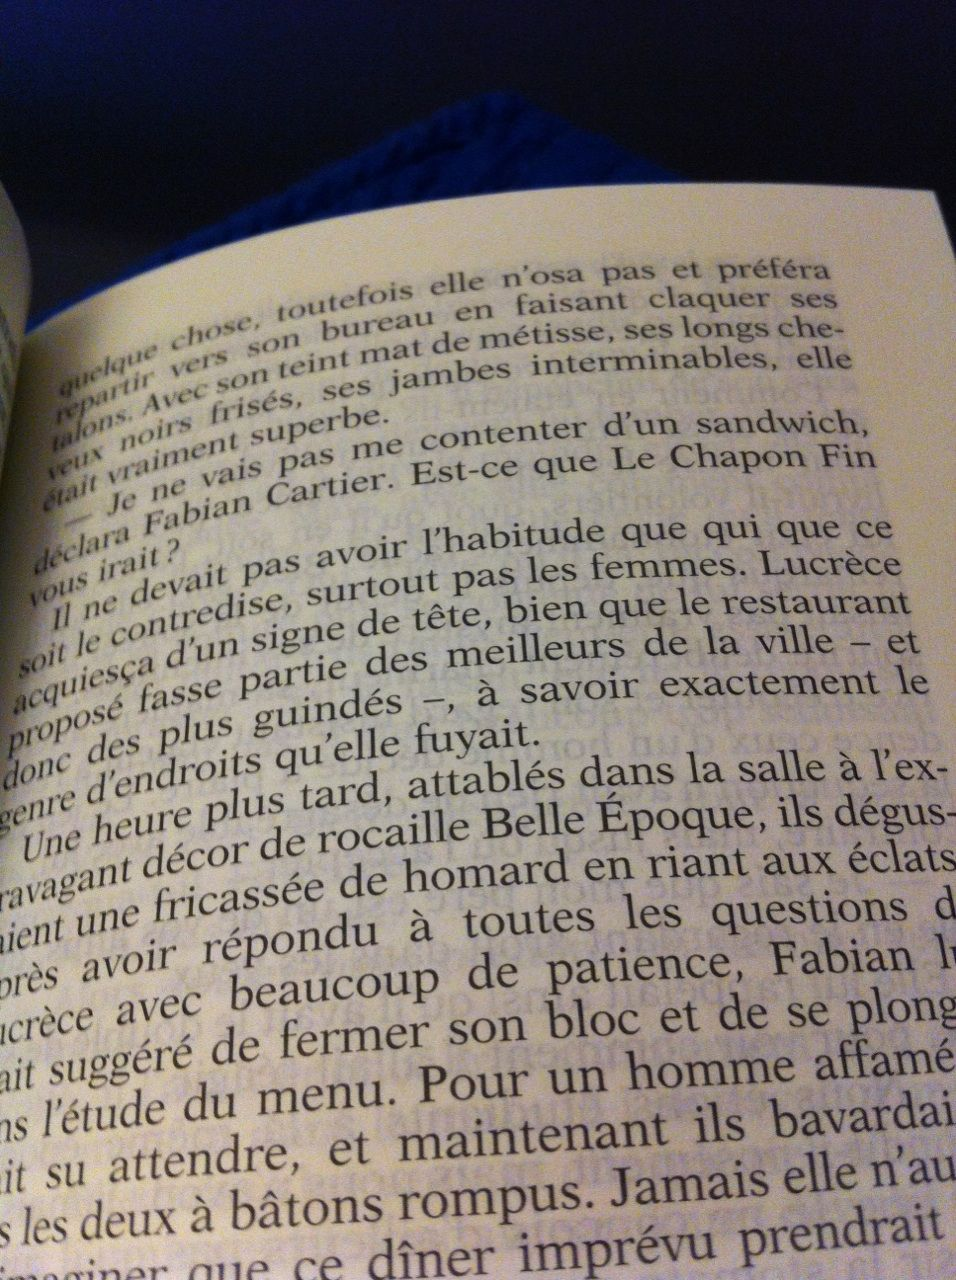 """Dans ce roman le Chapon Fin devient le théâtre d'un tête-à-tête touchant dans les années 80. (""""Les années passion"""", Françoise Bourdin)"""